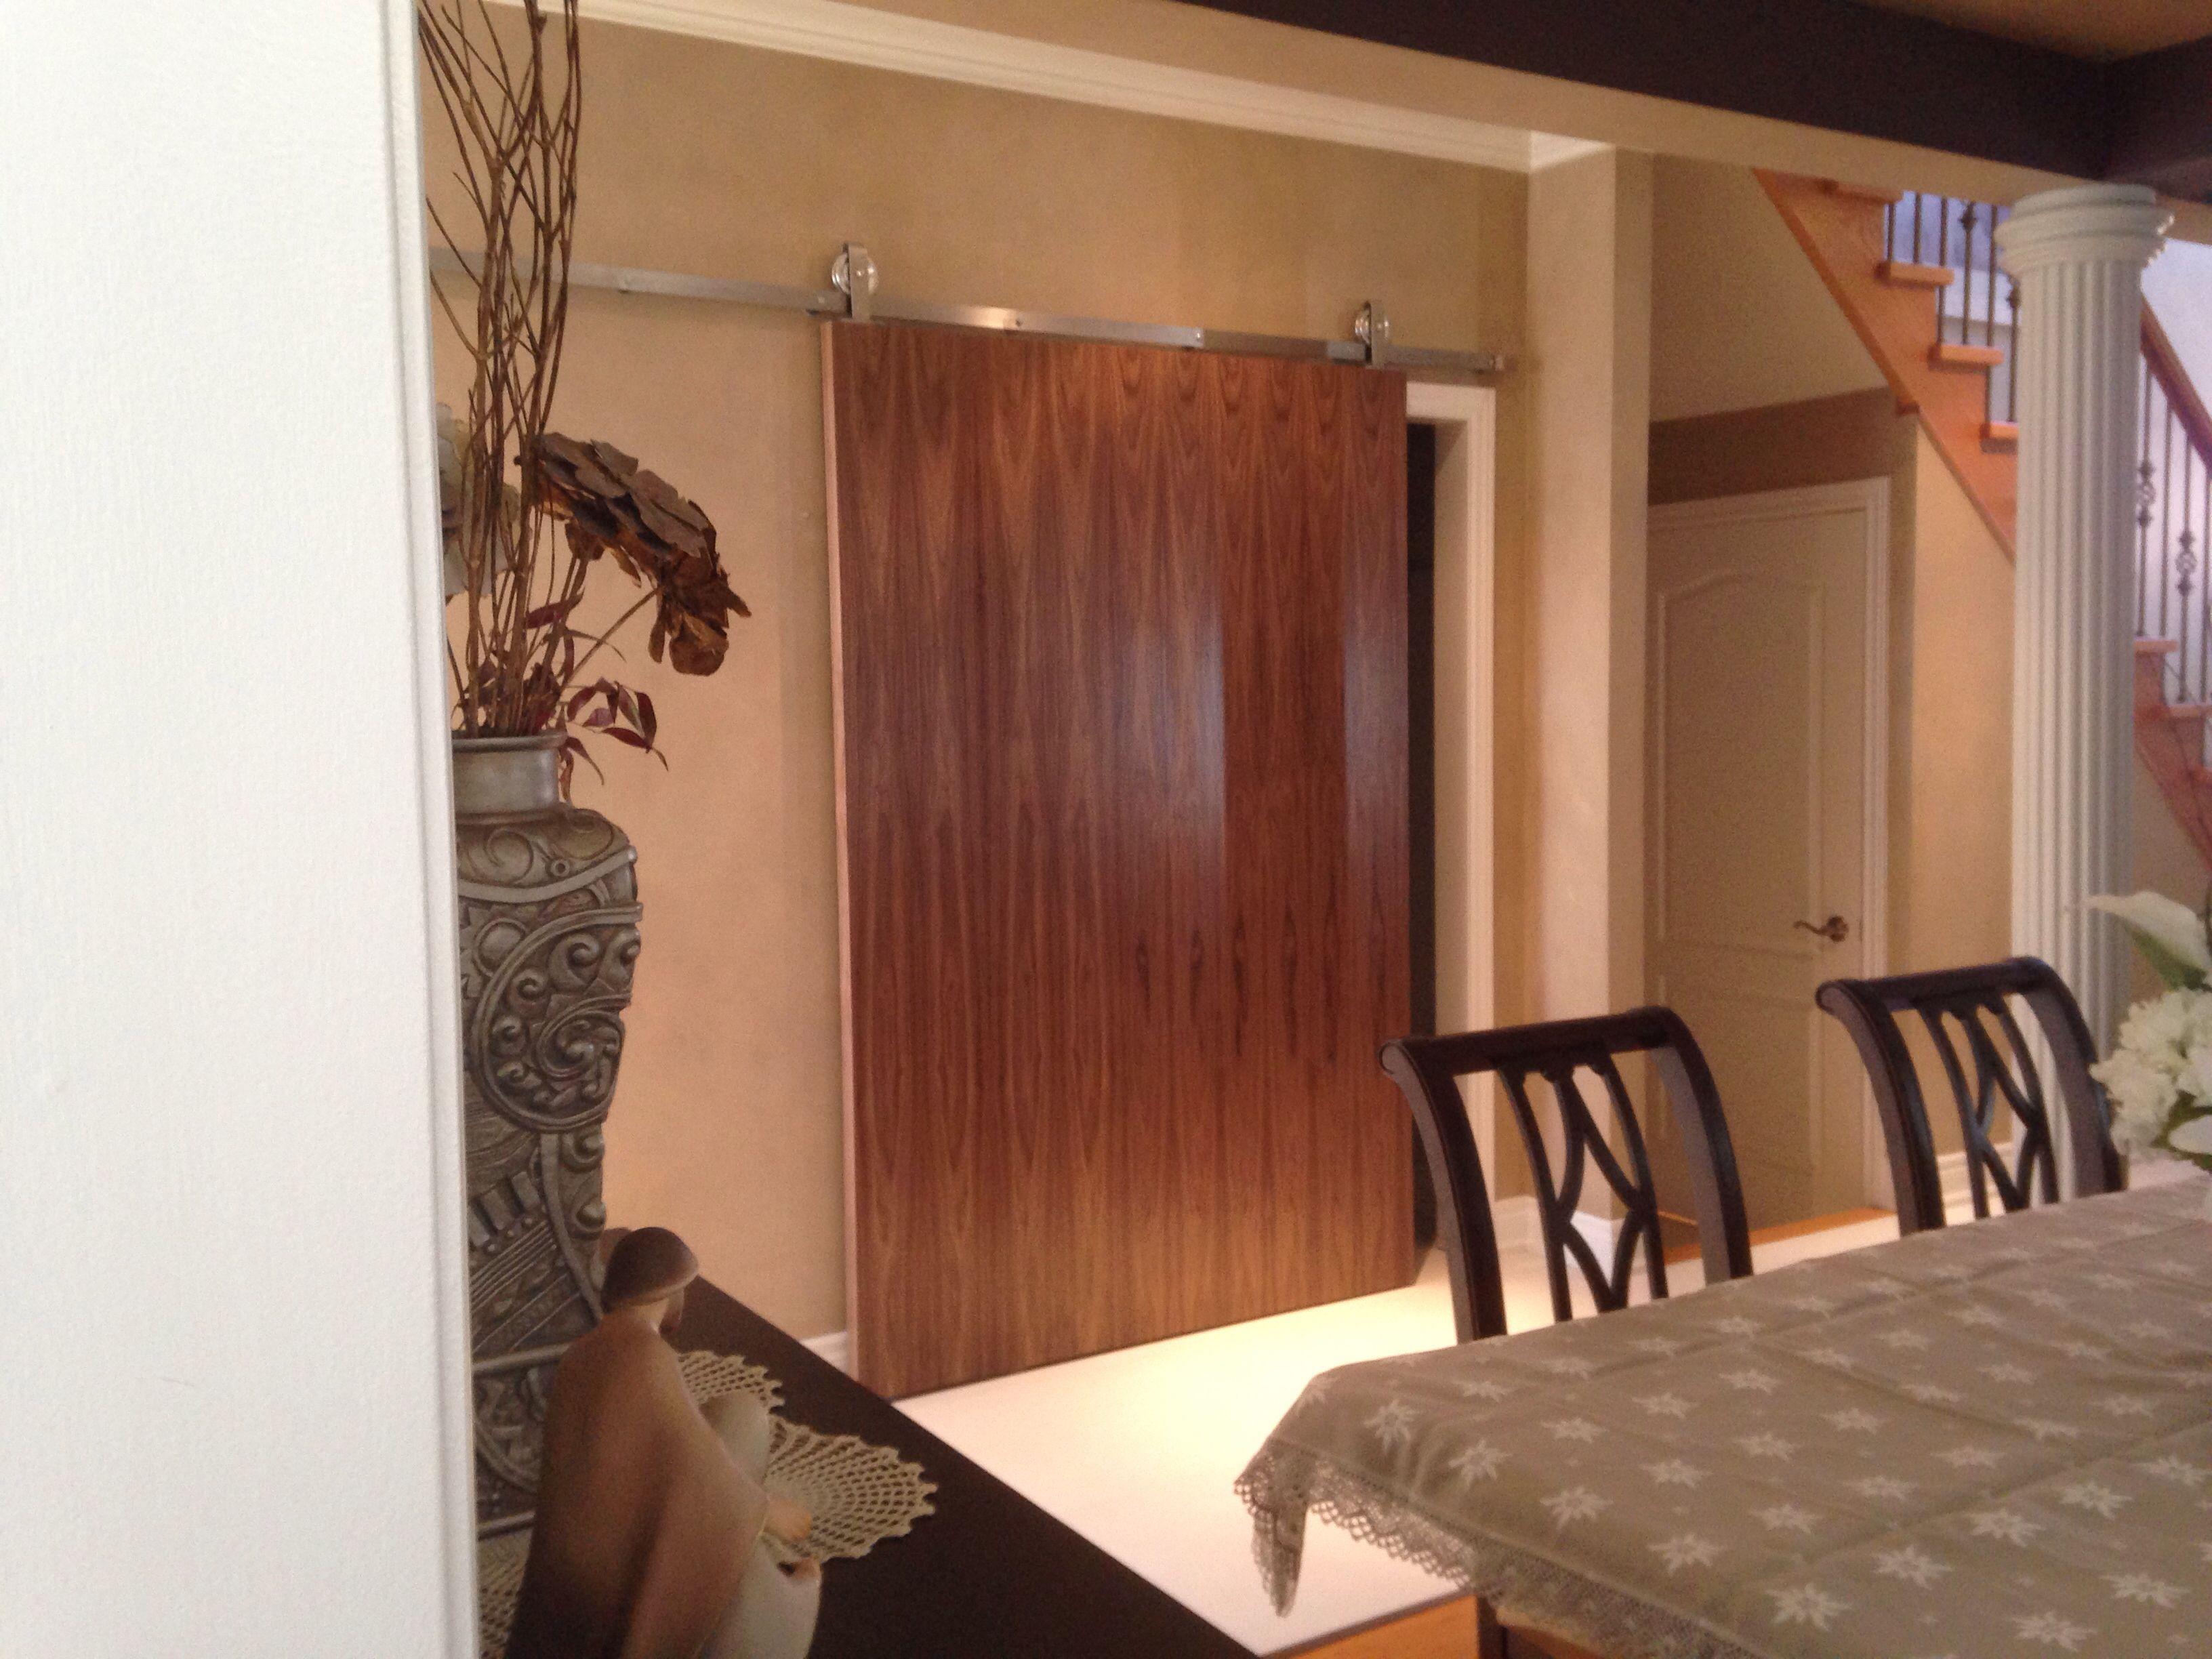 walnut veneer slab door on top mount stainless steel barn door hardware